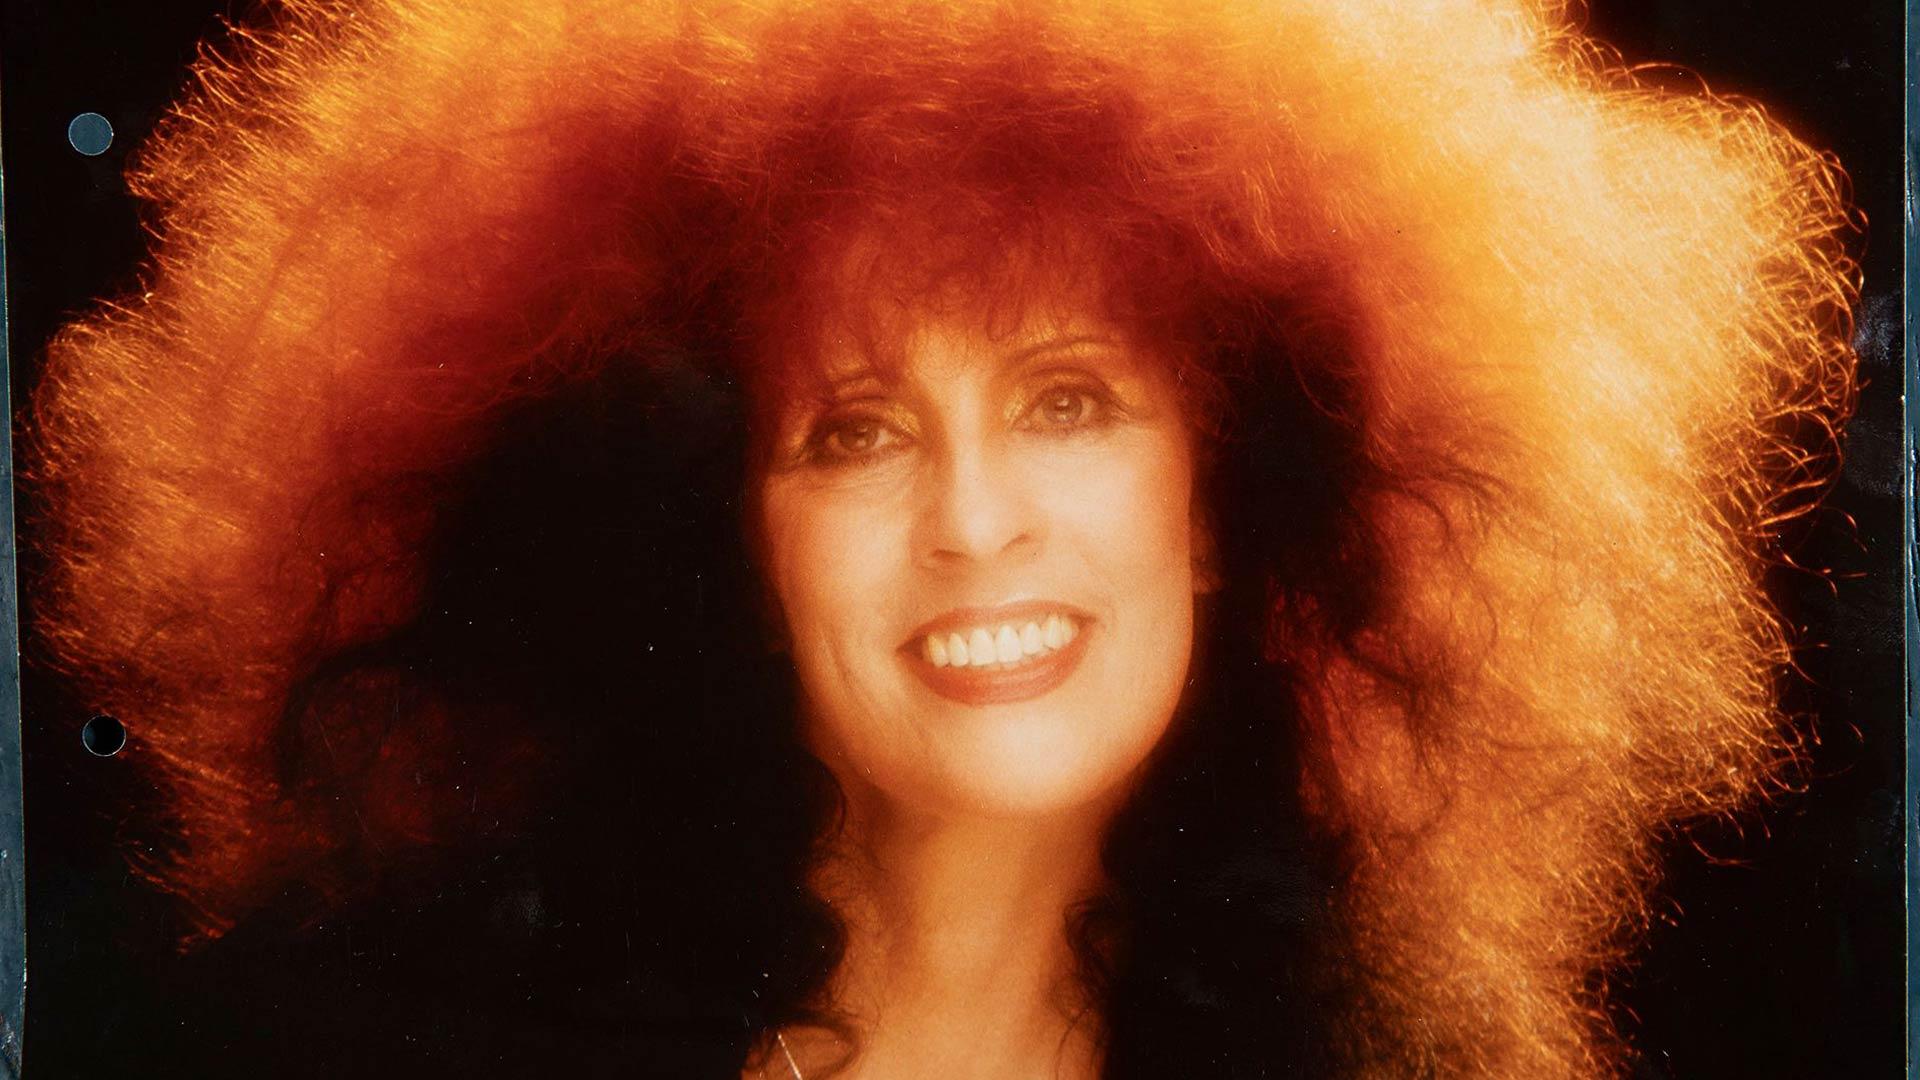 Aira esiintyi suunnittelemassaan Dance-tanssishowssa ravintola Kaivohuoneella lokakuussa 1981.